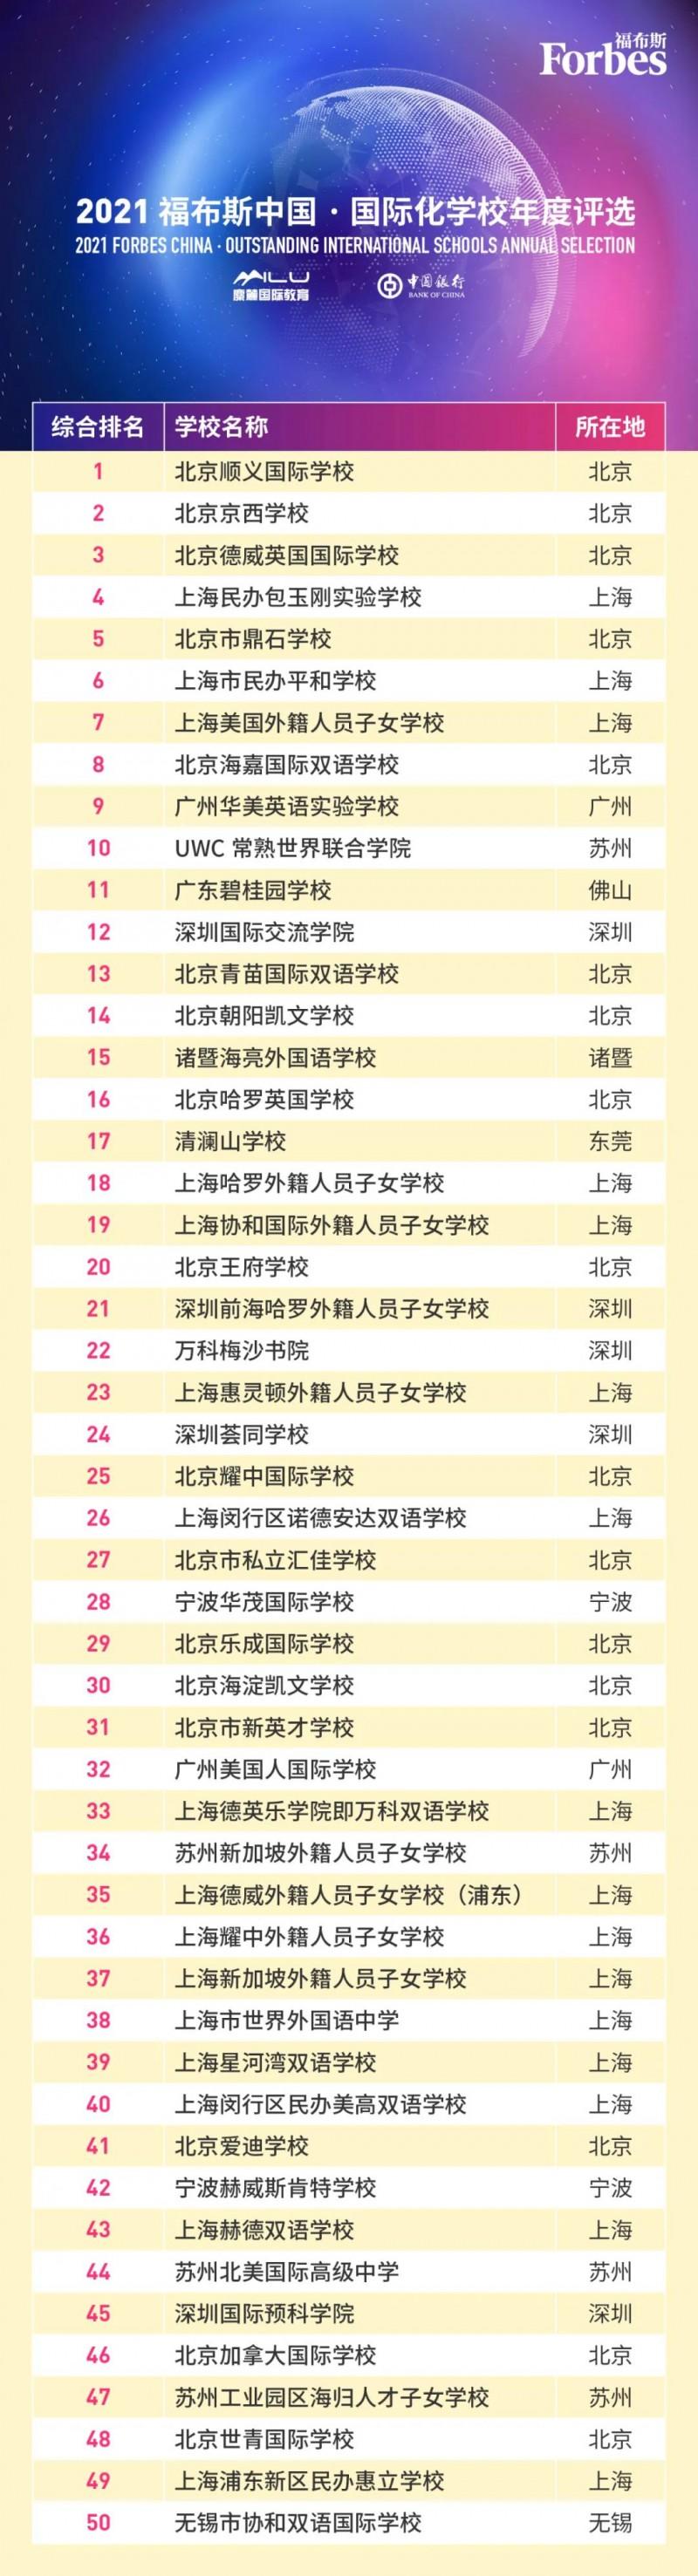 看完上海国际学校排名2021,我们发现前10名好多都是IB学校内容图片_7